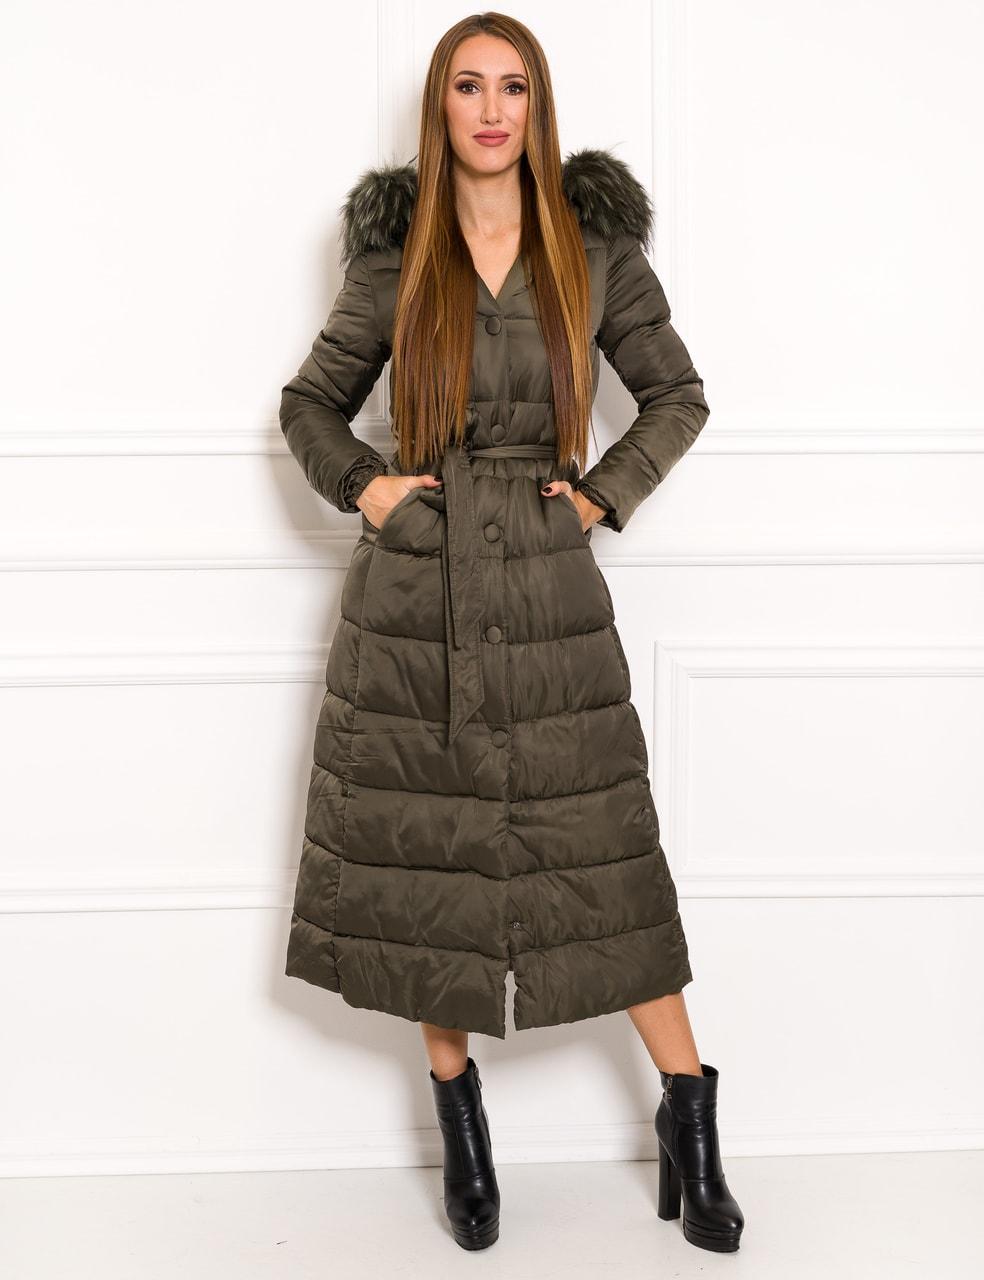 452457f07 Glamadise.sk - Dámska dlhá zimná bunda na viazanie olivová - Due ...